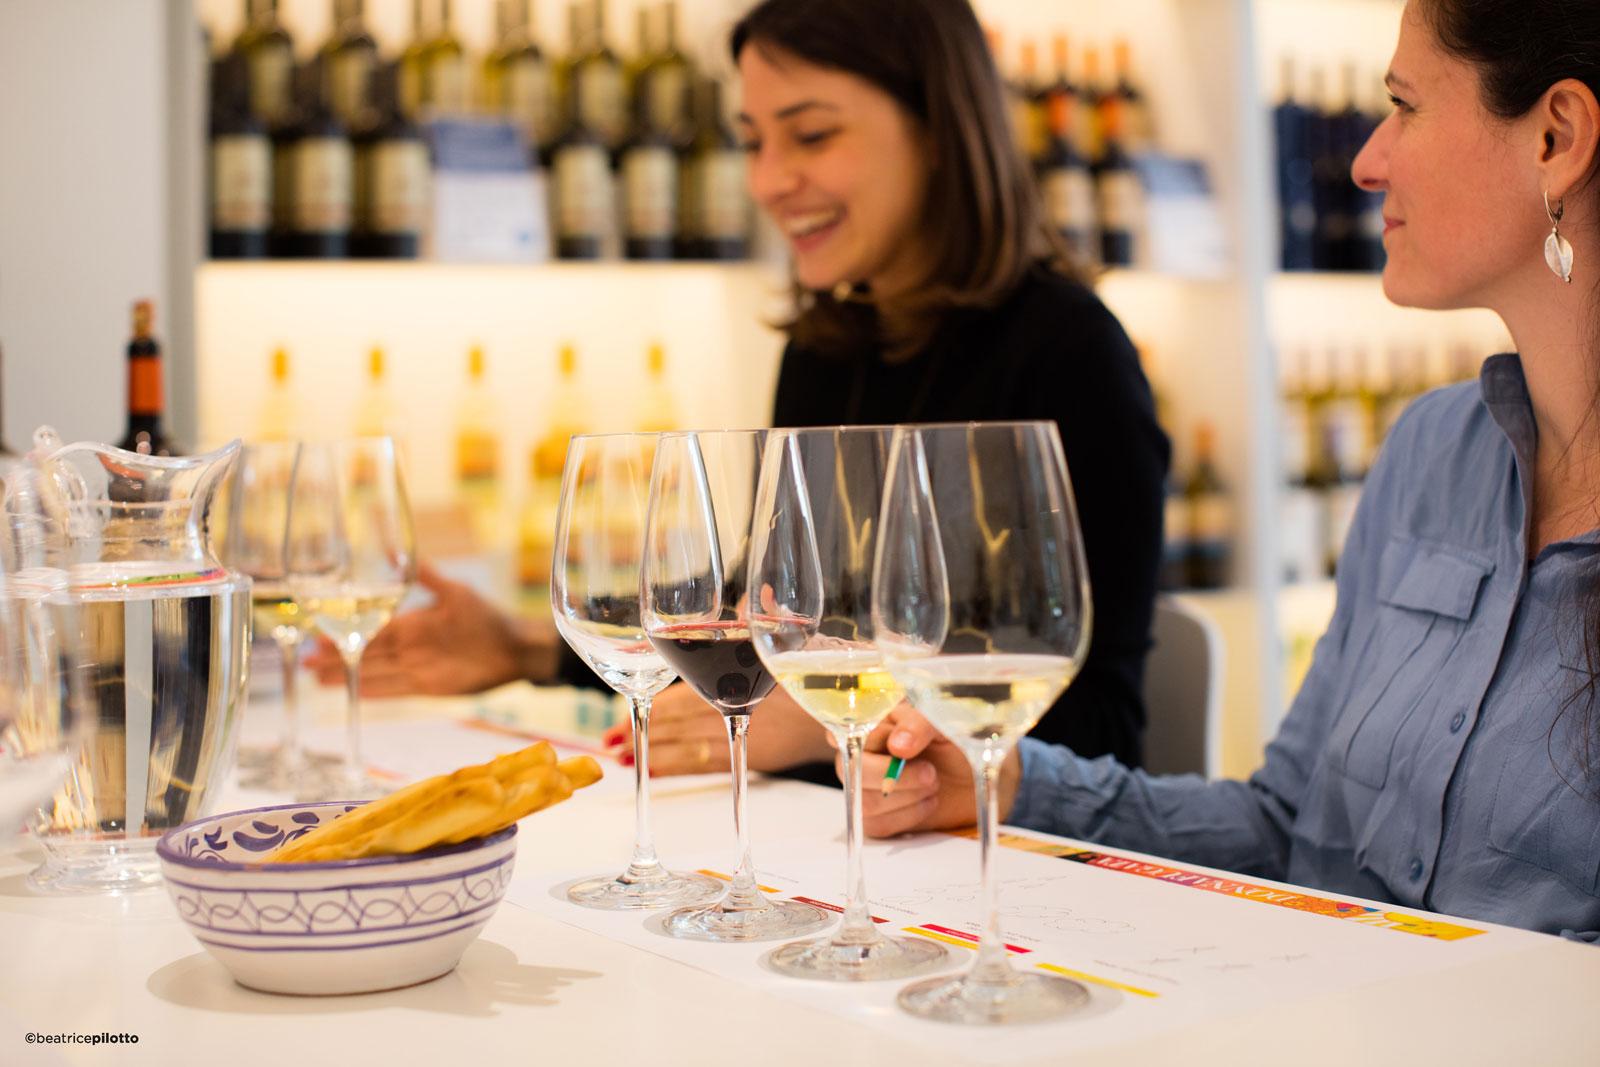 Giovani ragazze degustano vino